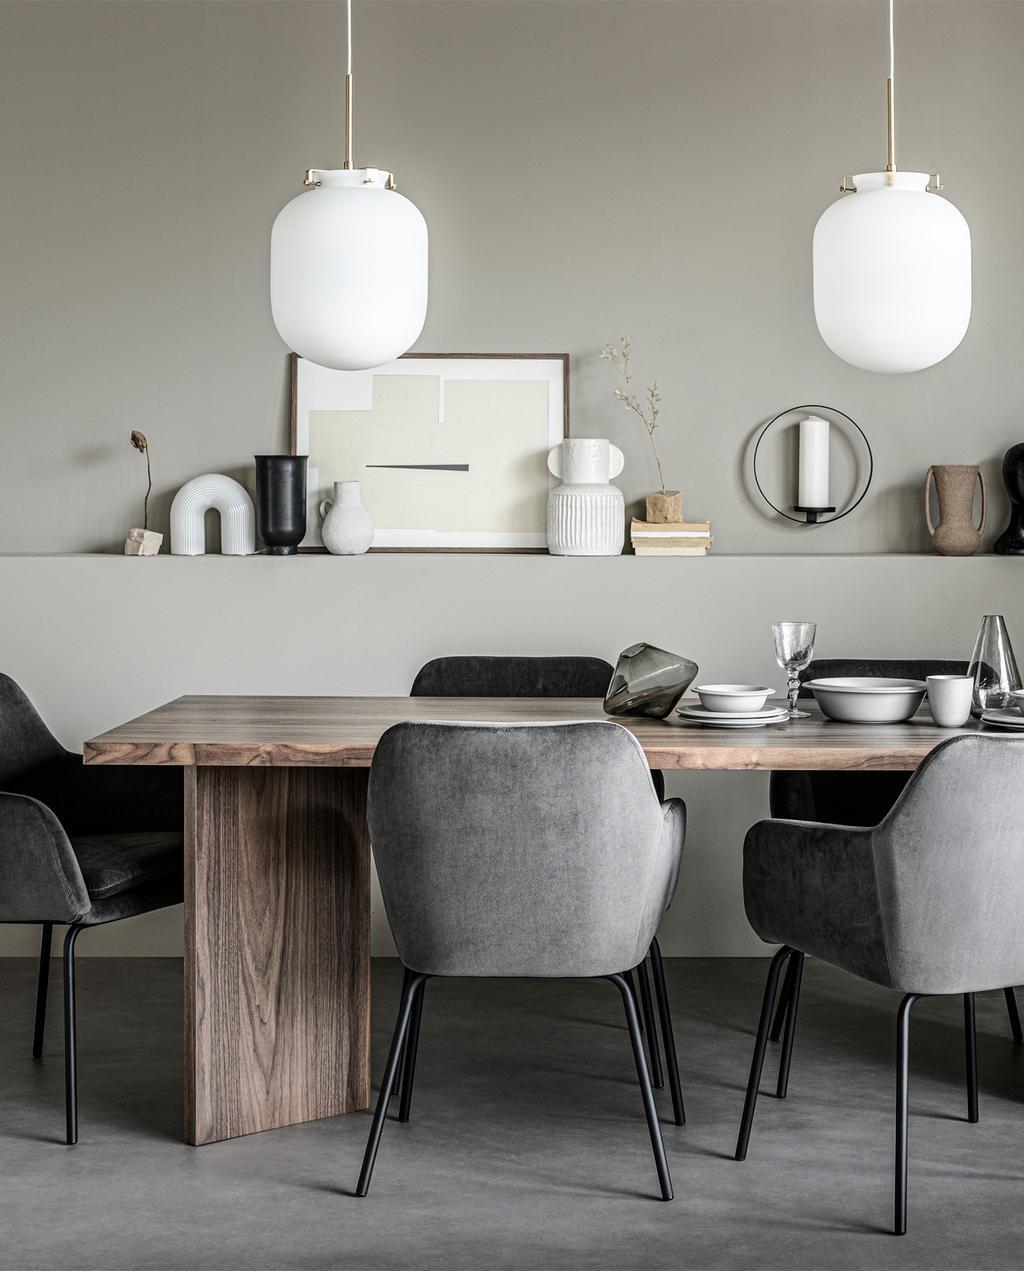 vtwonen | collectie | eettafel